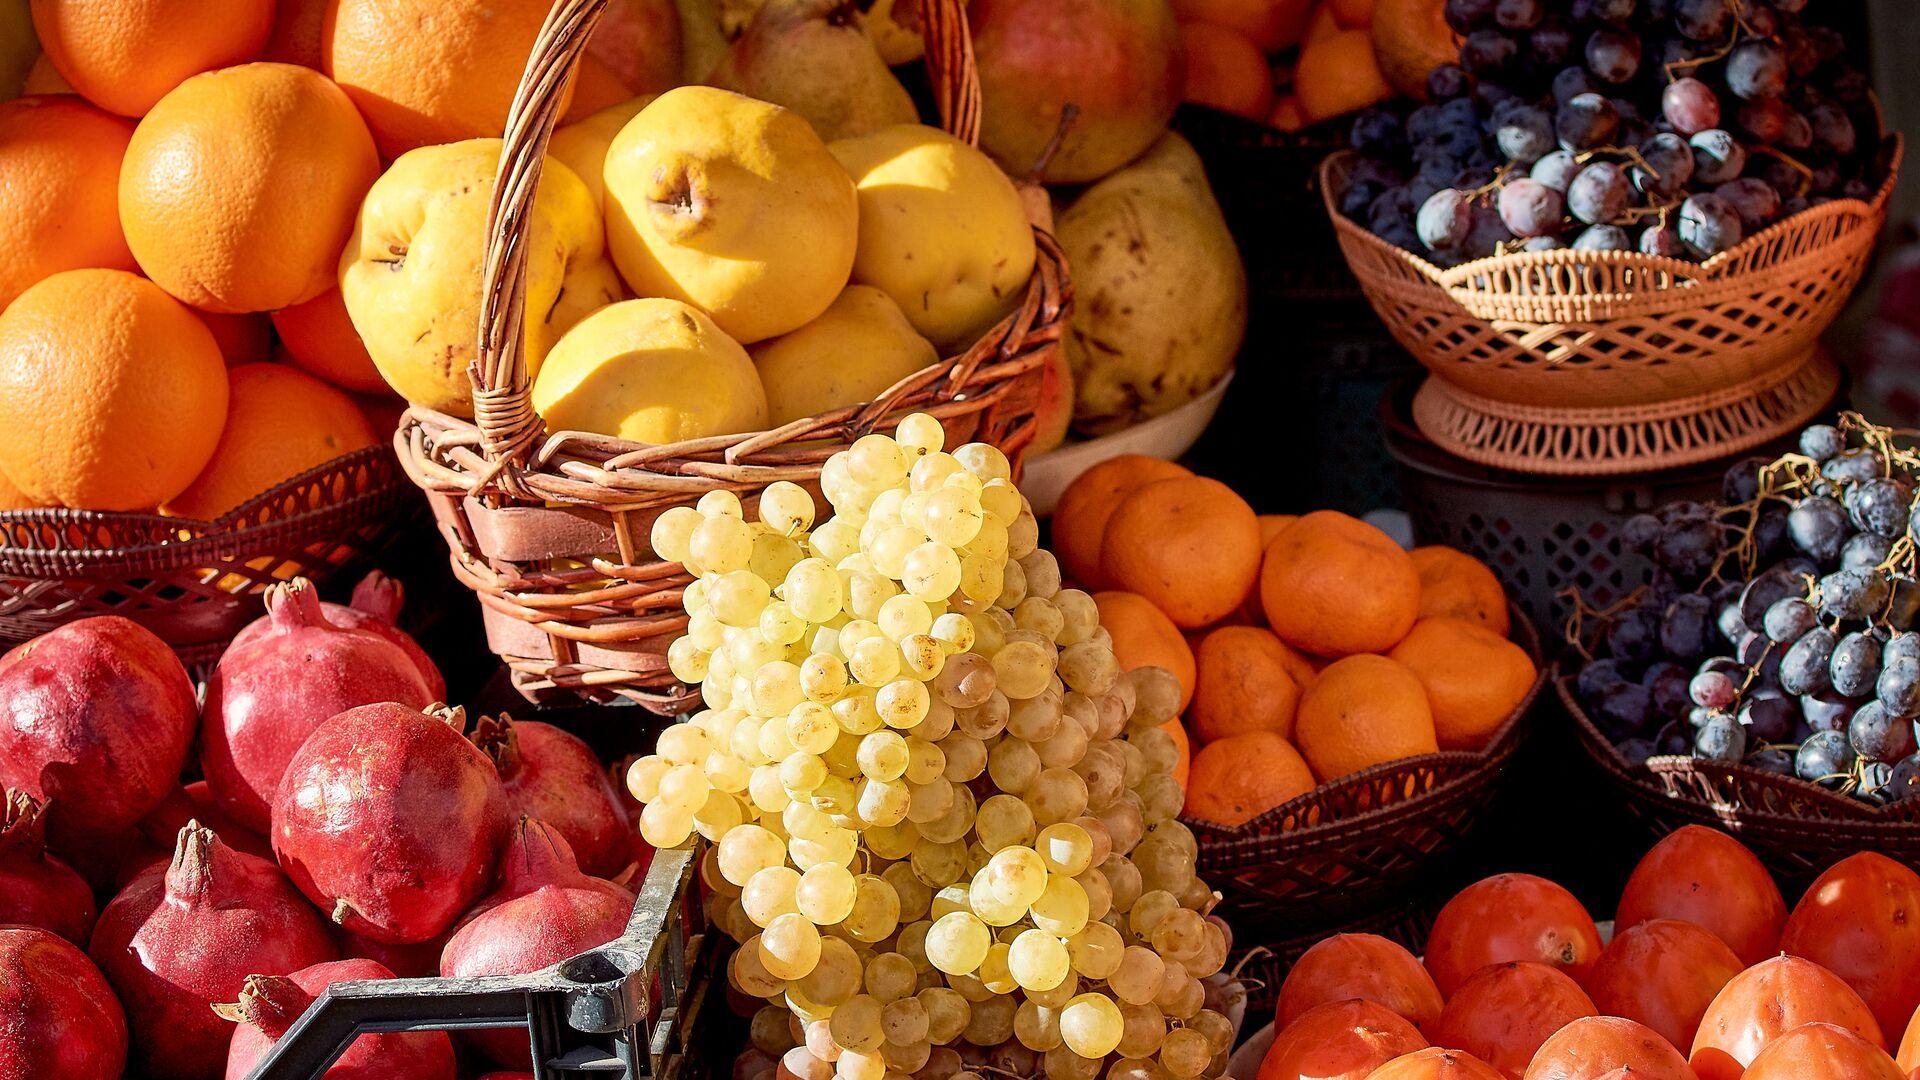 Фрукты и овощи в уличной лавке - апельсины, гранаты, виноград, айва и хурма - Sputnik Грузия, 1920, 06.10.2021